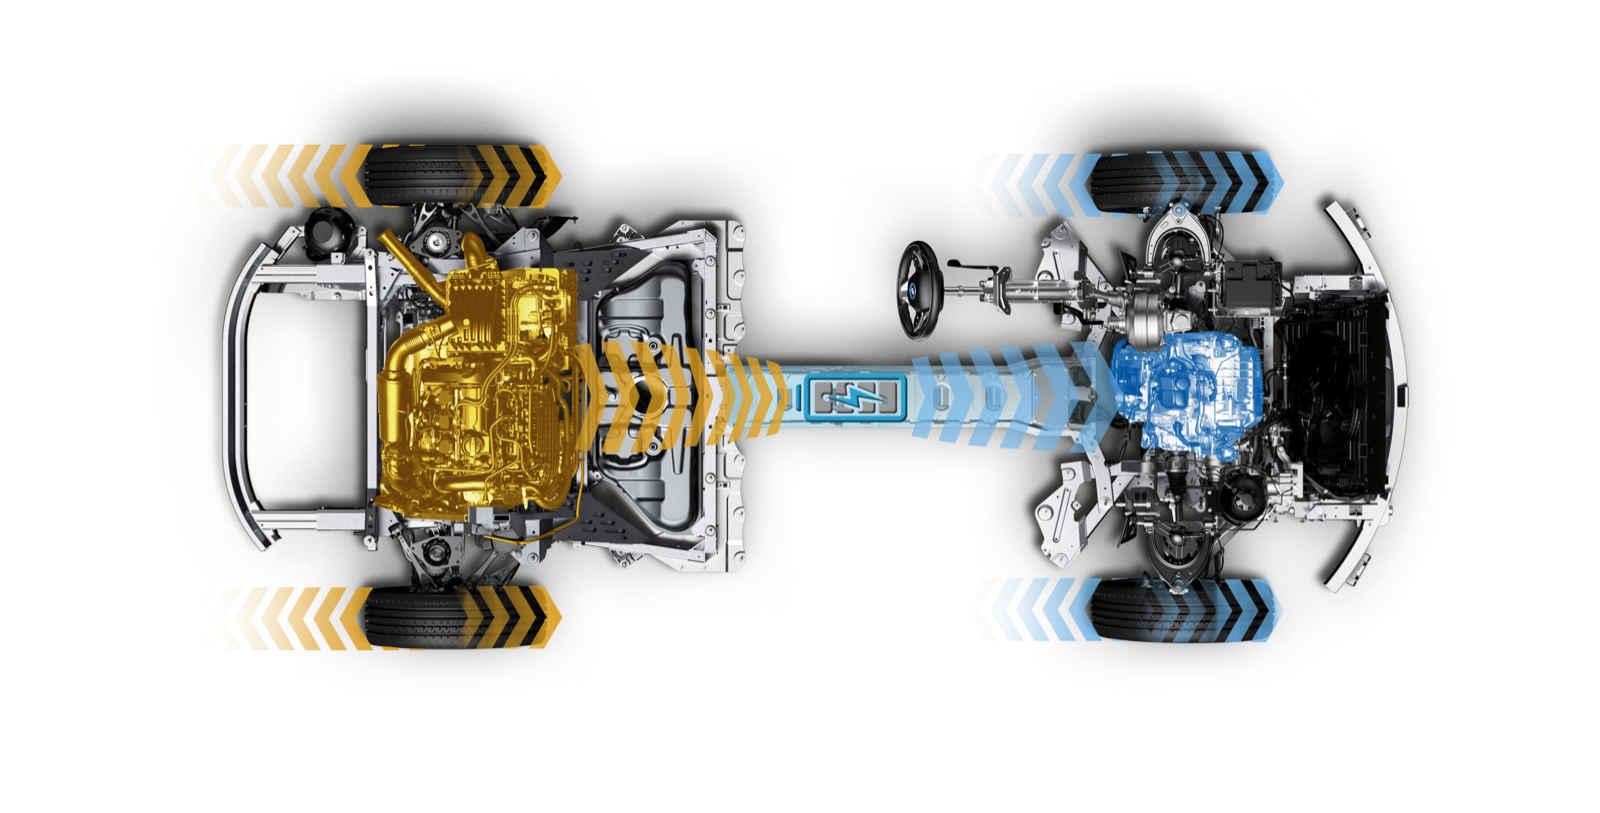 Synchronisation-entre-moteur-thermique-et-moteur-electrique-BMW-i8.jpg